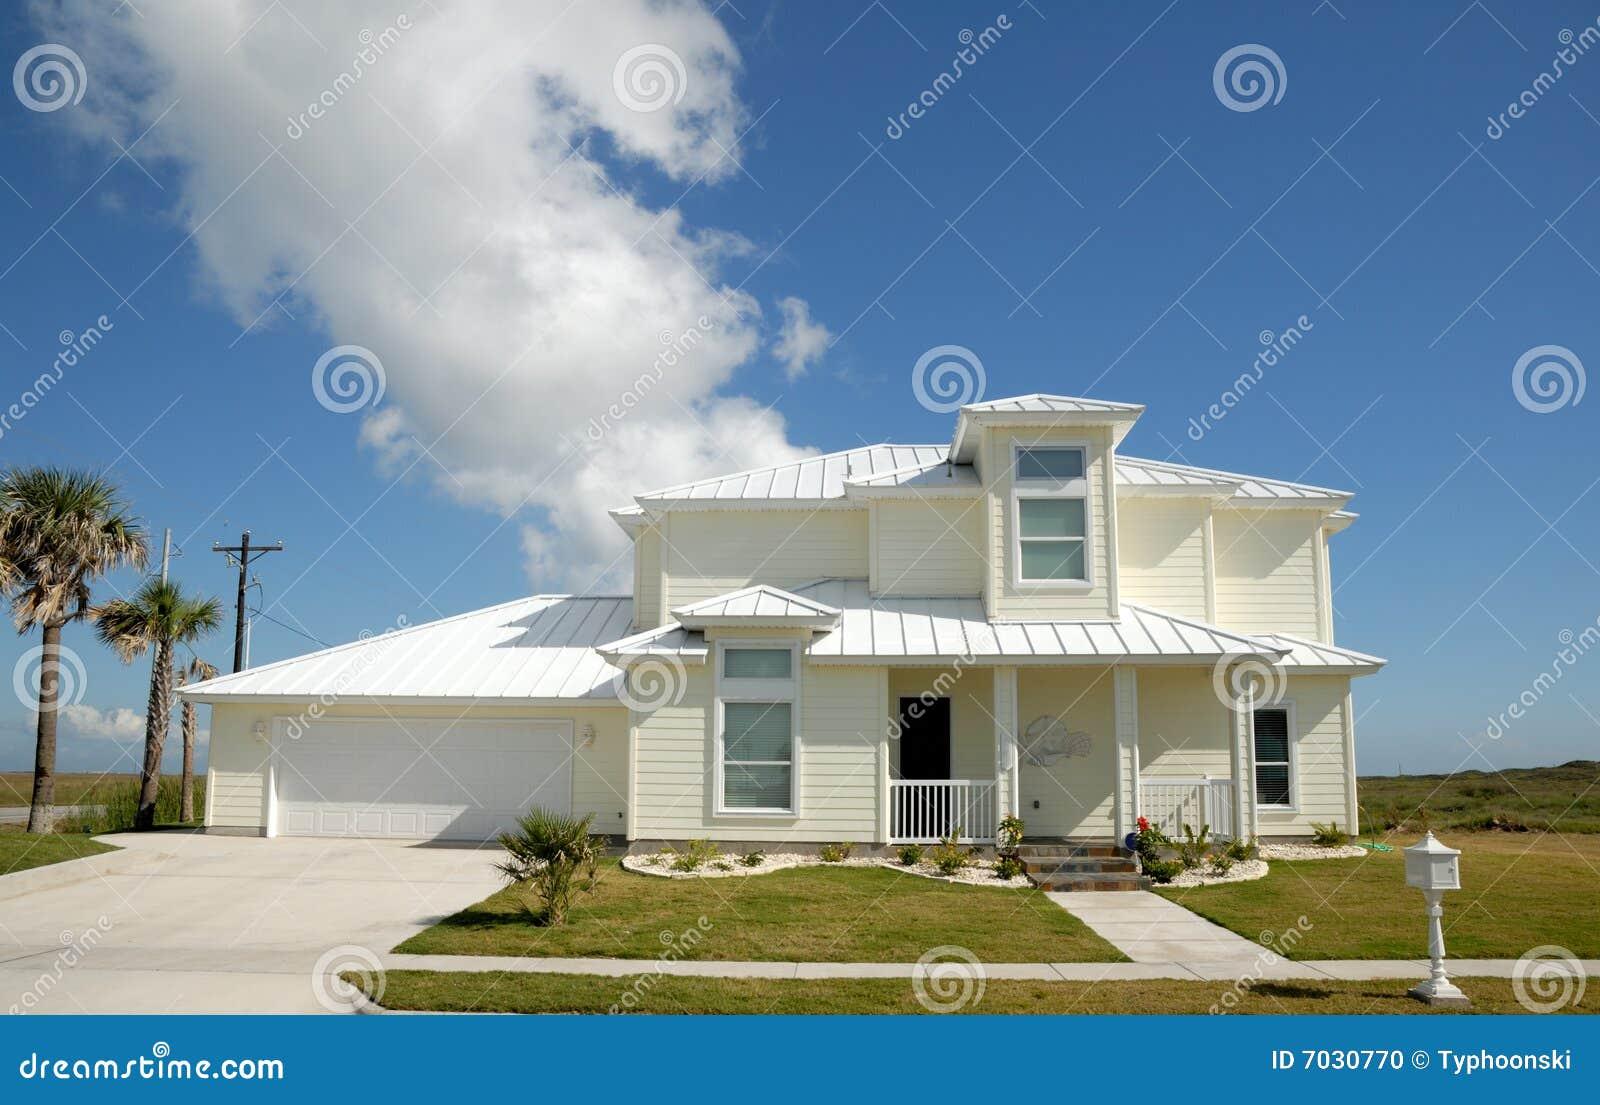 Belle maison aux etats unis